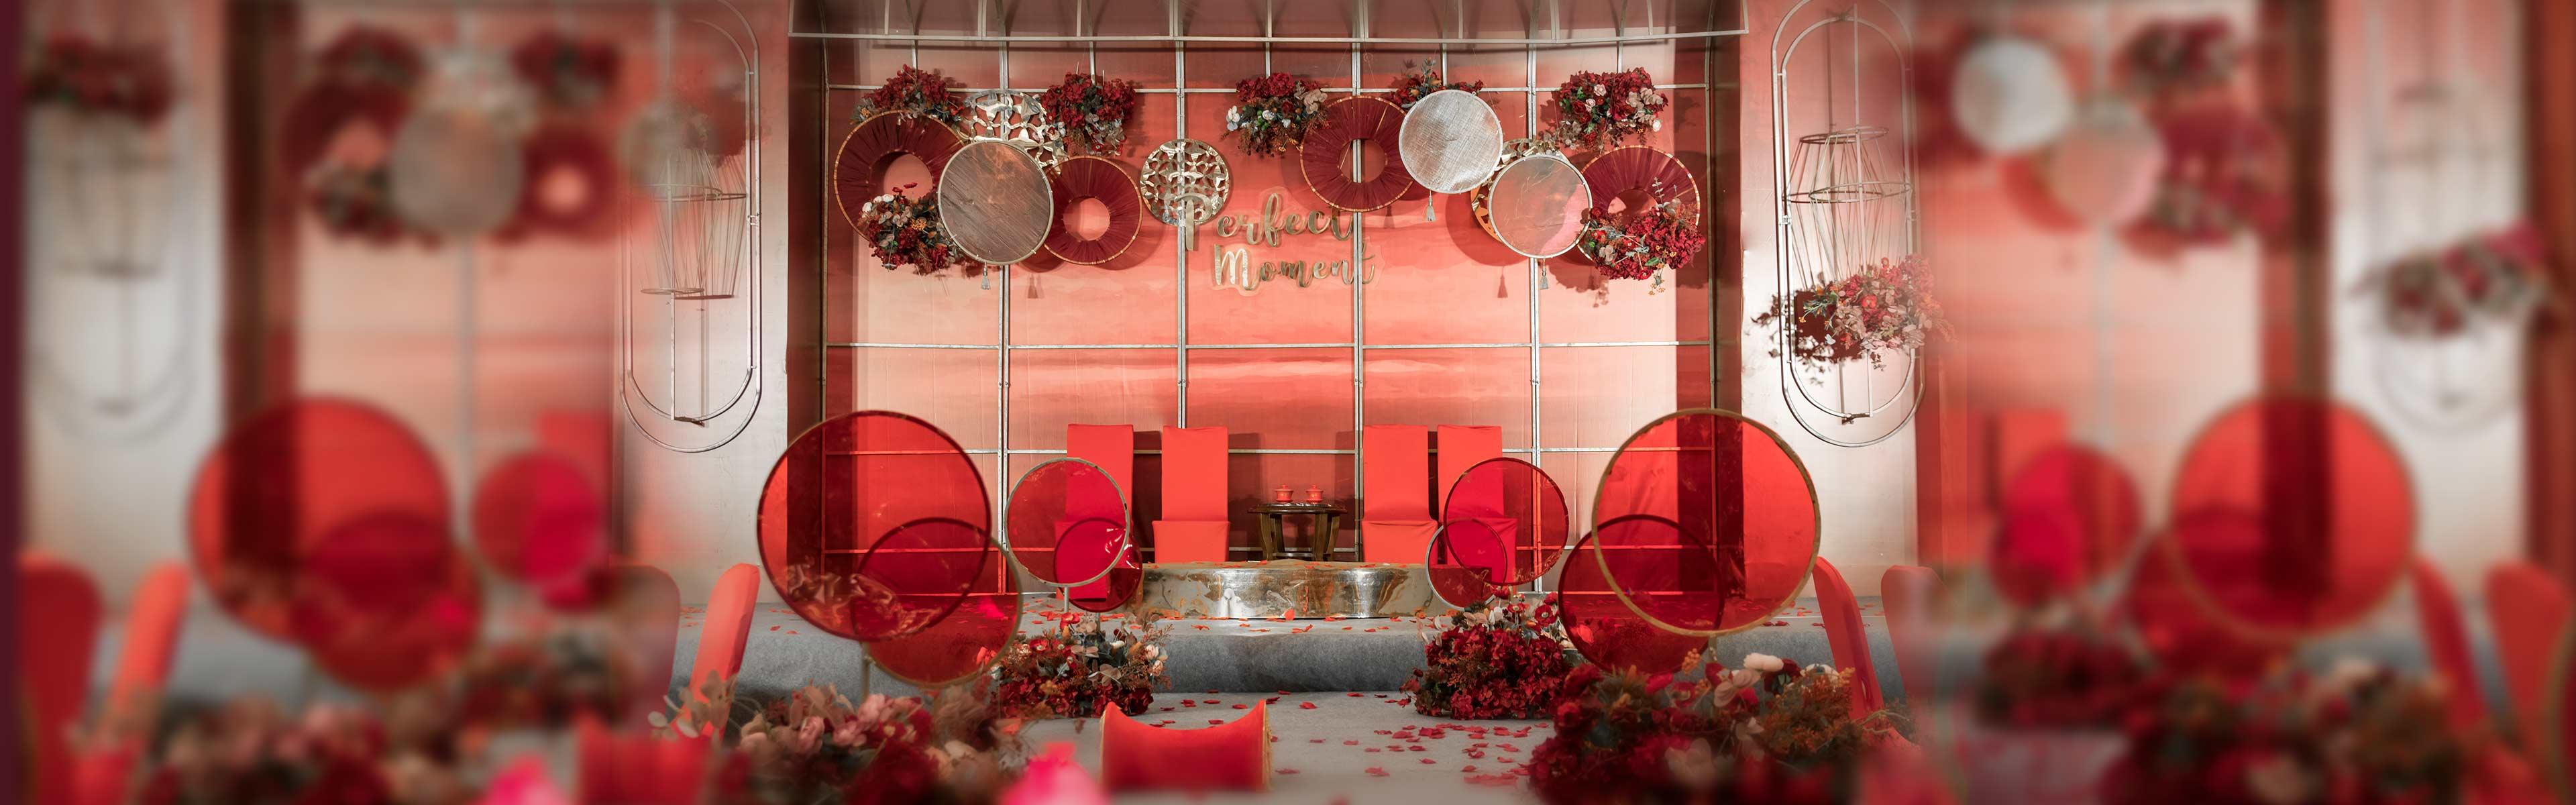 安宁市婚庆策划案例:相拥 | 湖南  长沙